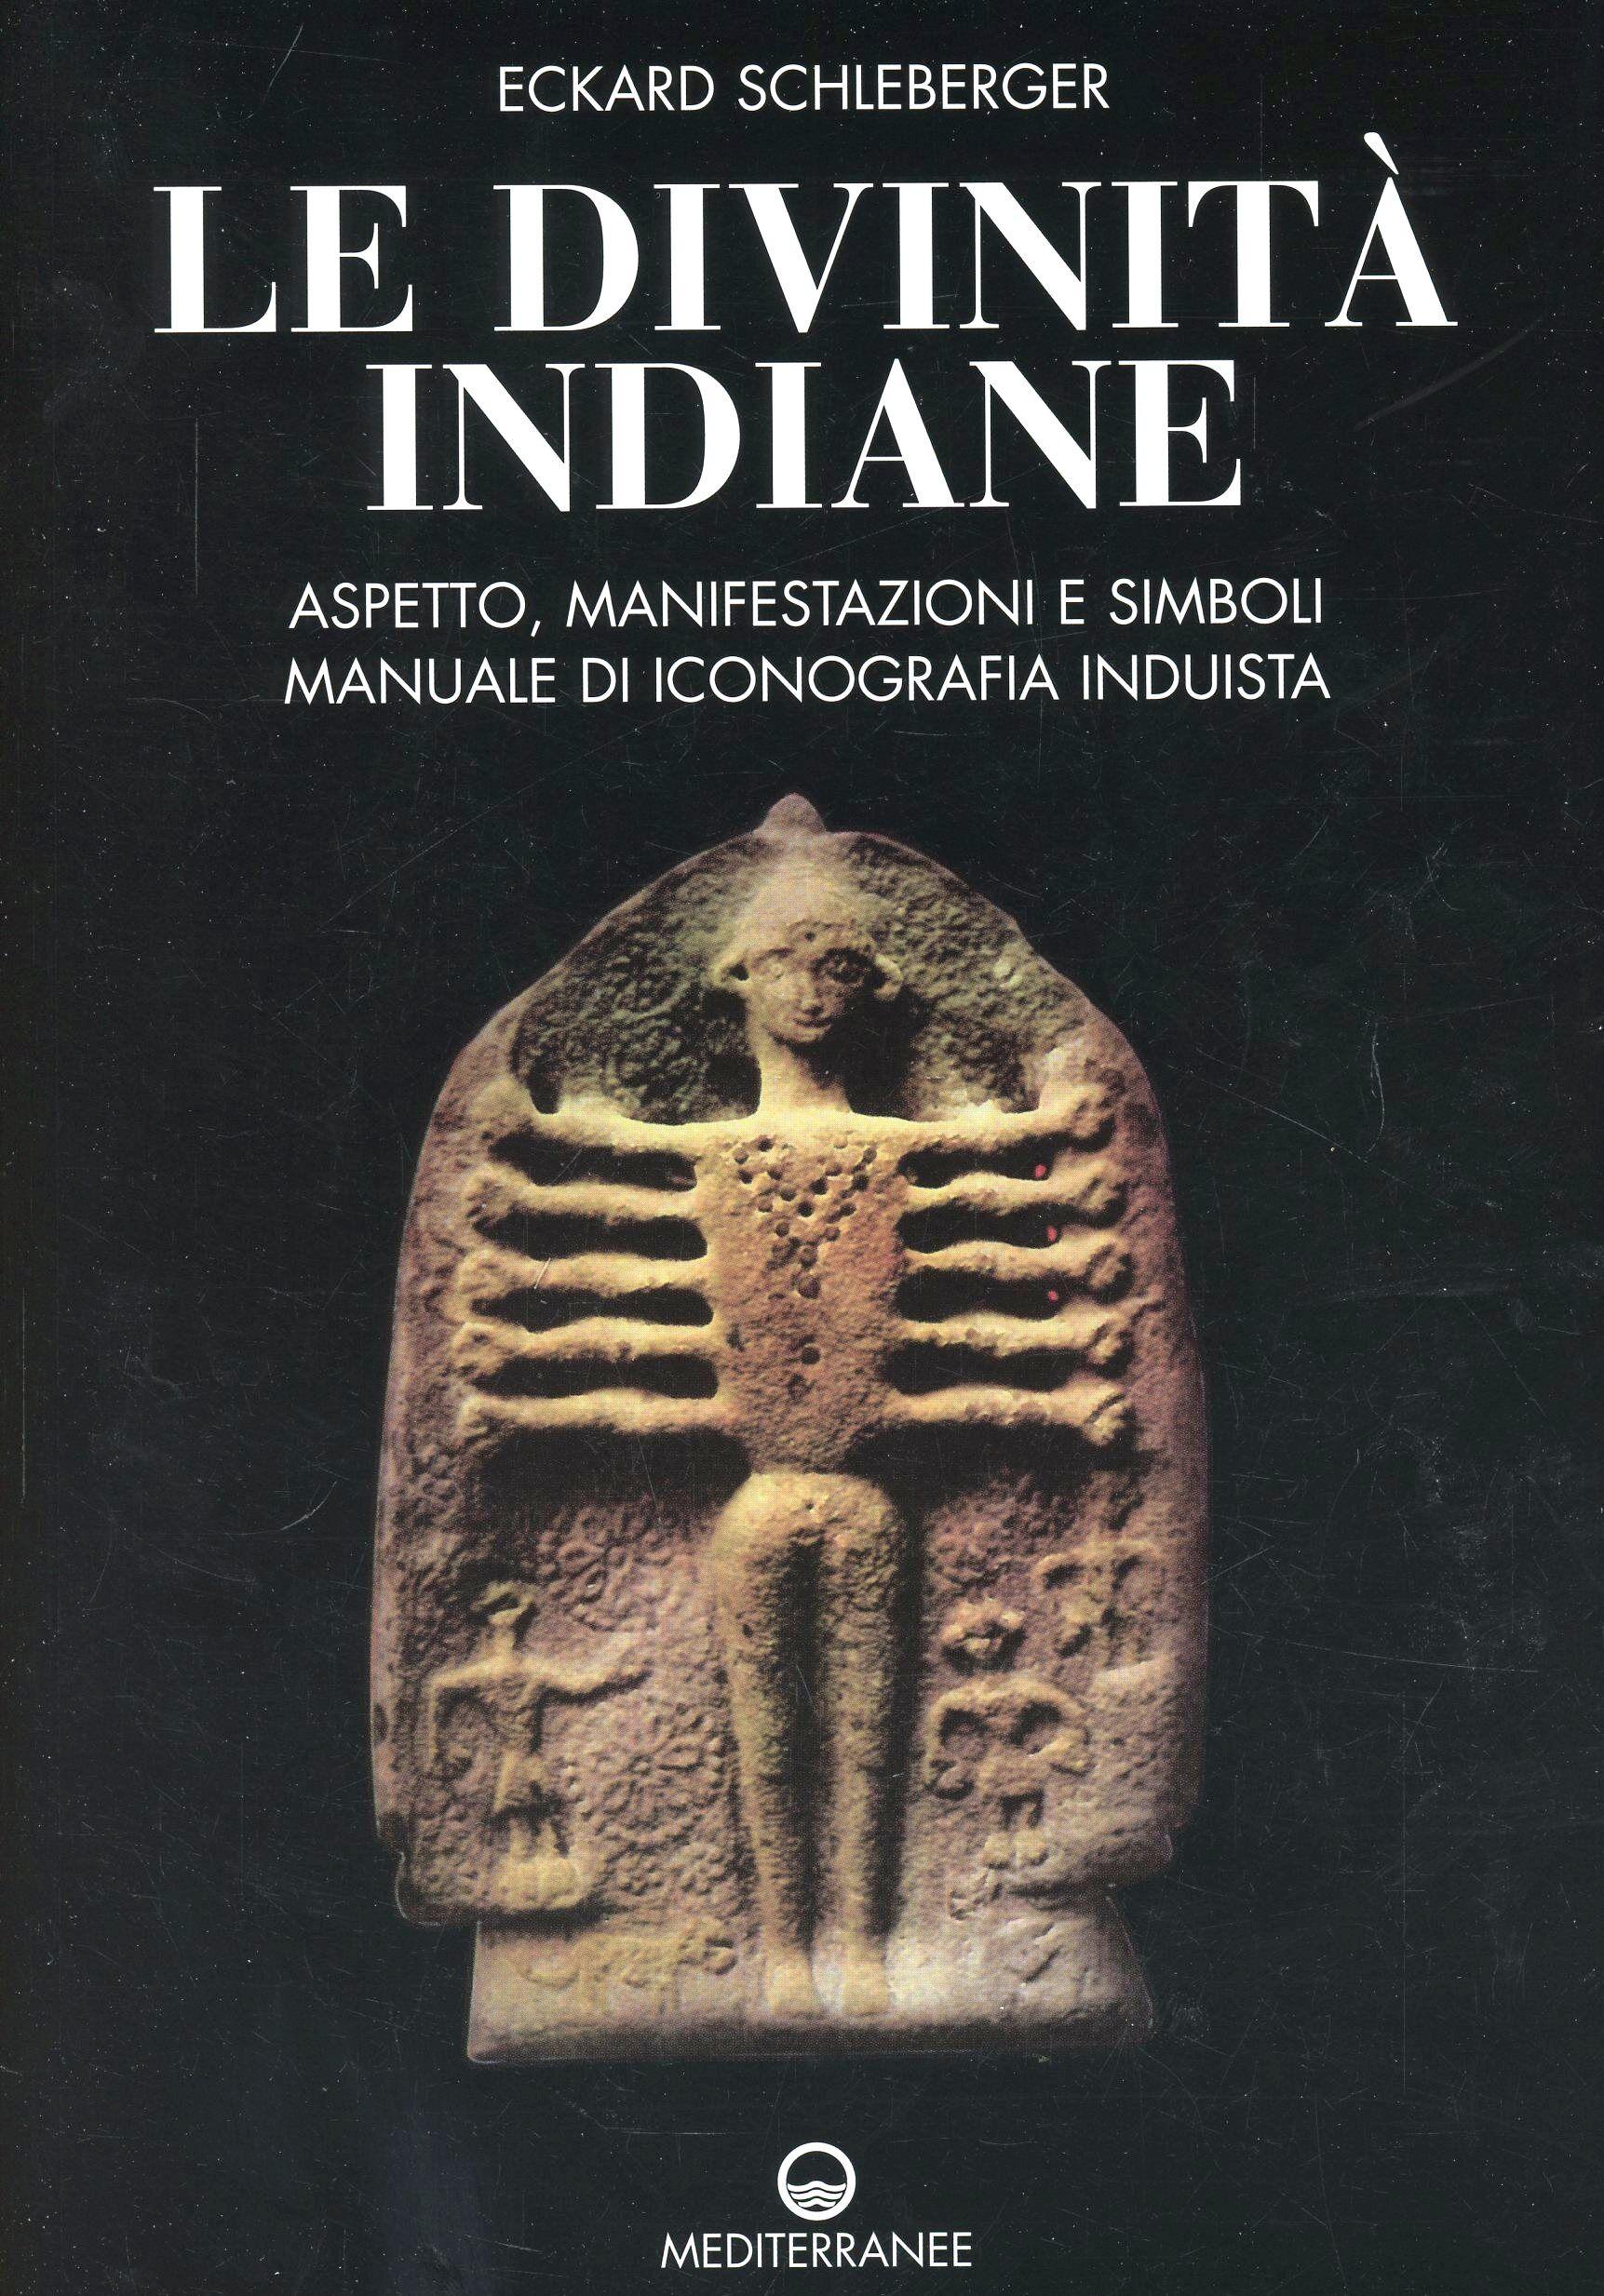 Le divinità indiane. Aspetto, manifestazioni e simboli. Manuale di iconografia induista